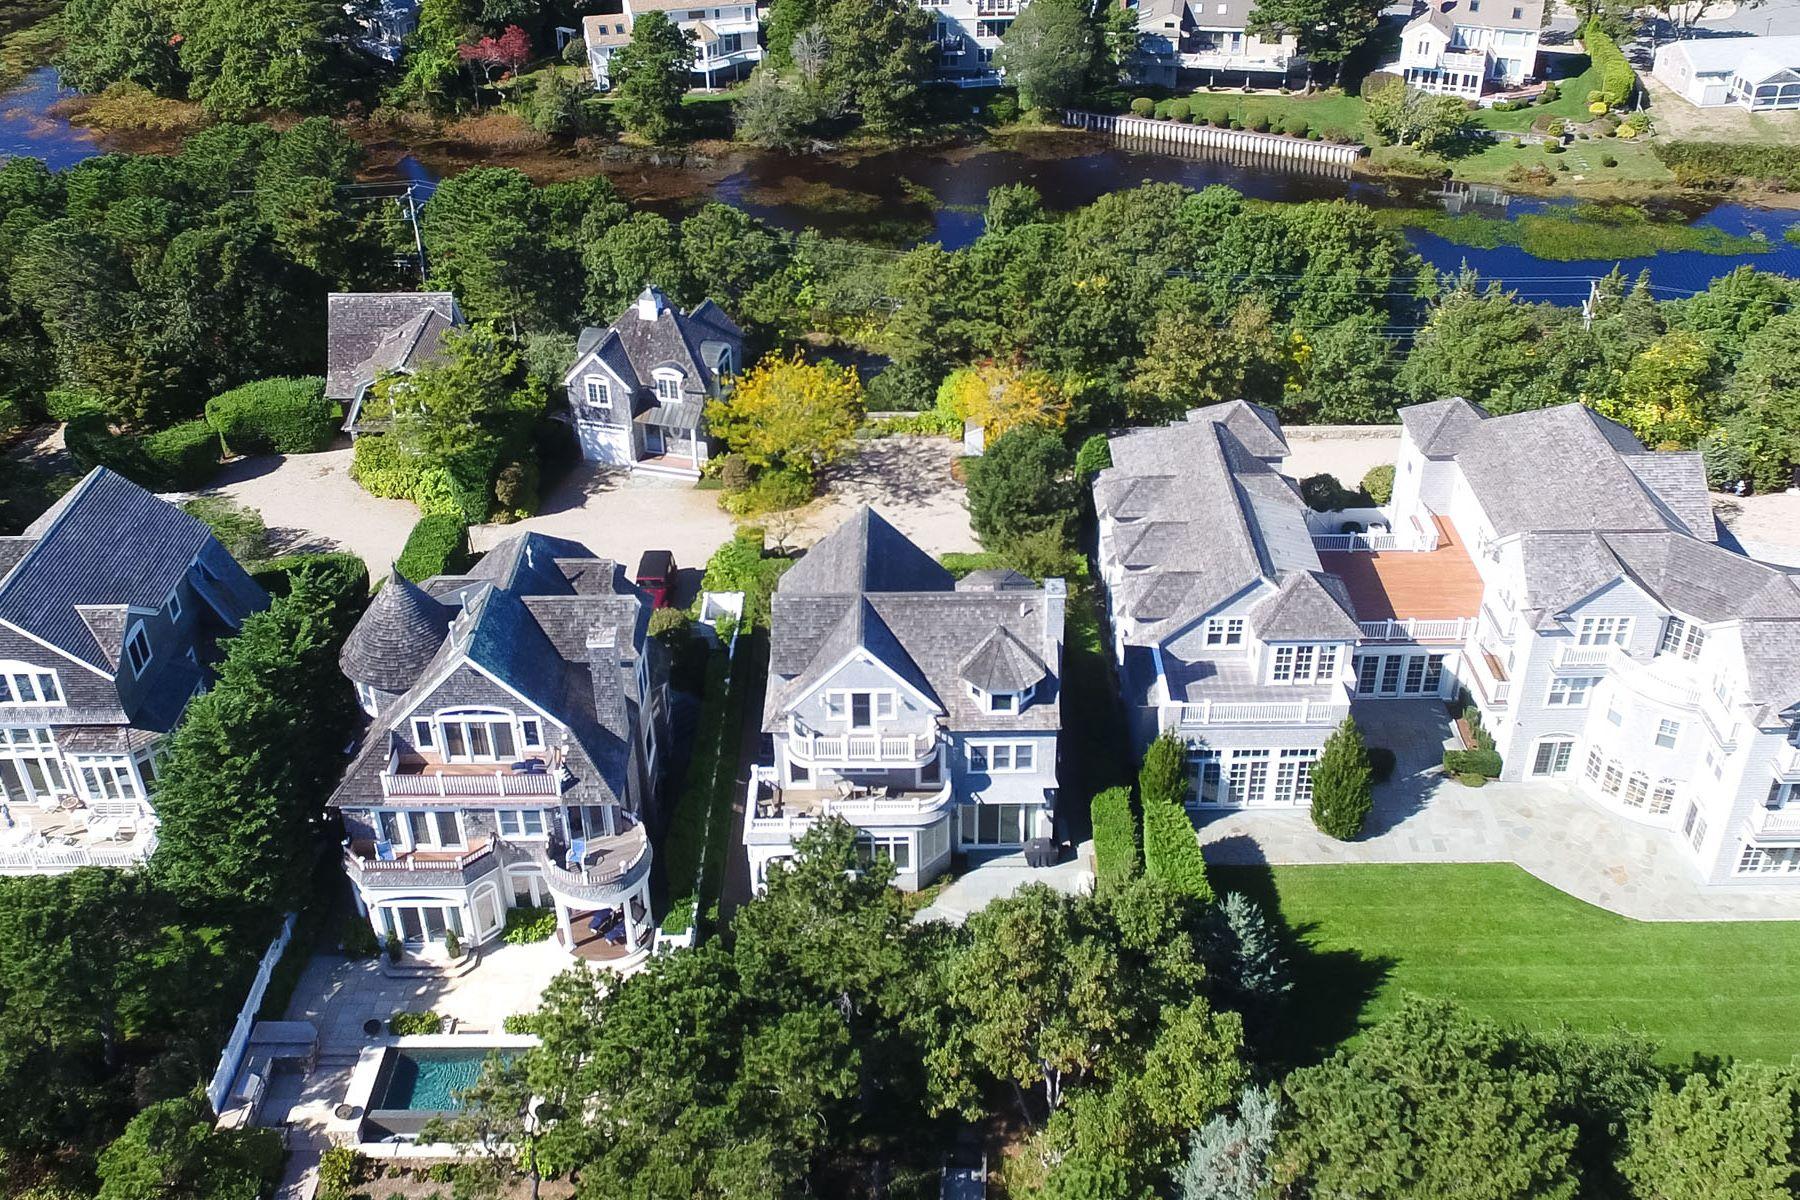 Maison unifamiliale pour l Vente à EXQUISITE BEACH FRONT 23 Ocean Bluff Drive New Seabury, Massachusetts, 02649 États-UnisDans/Autour: Mashpee